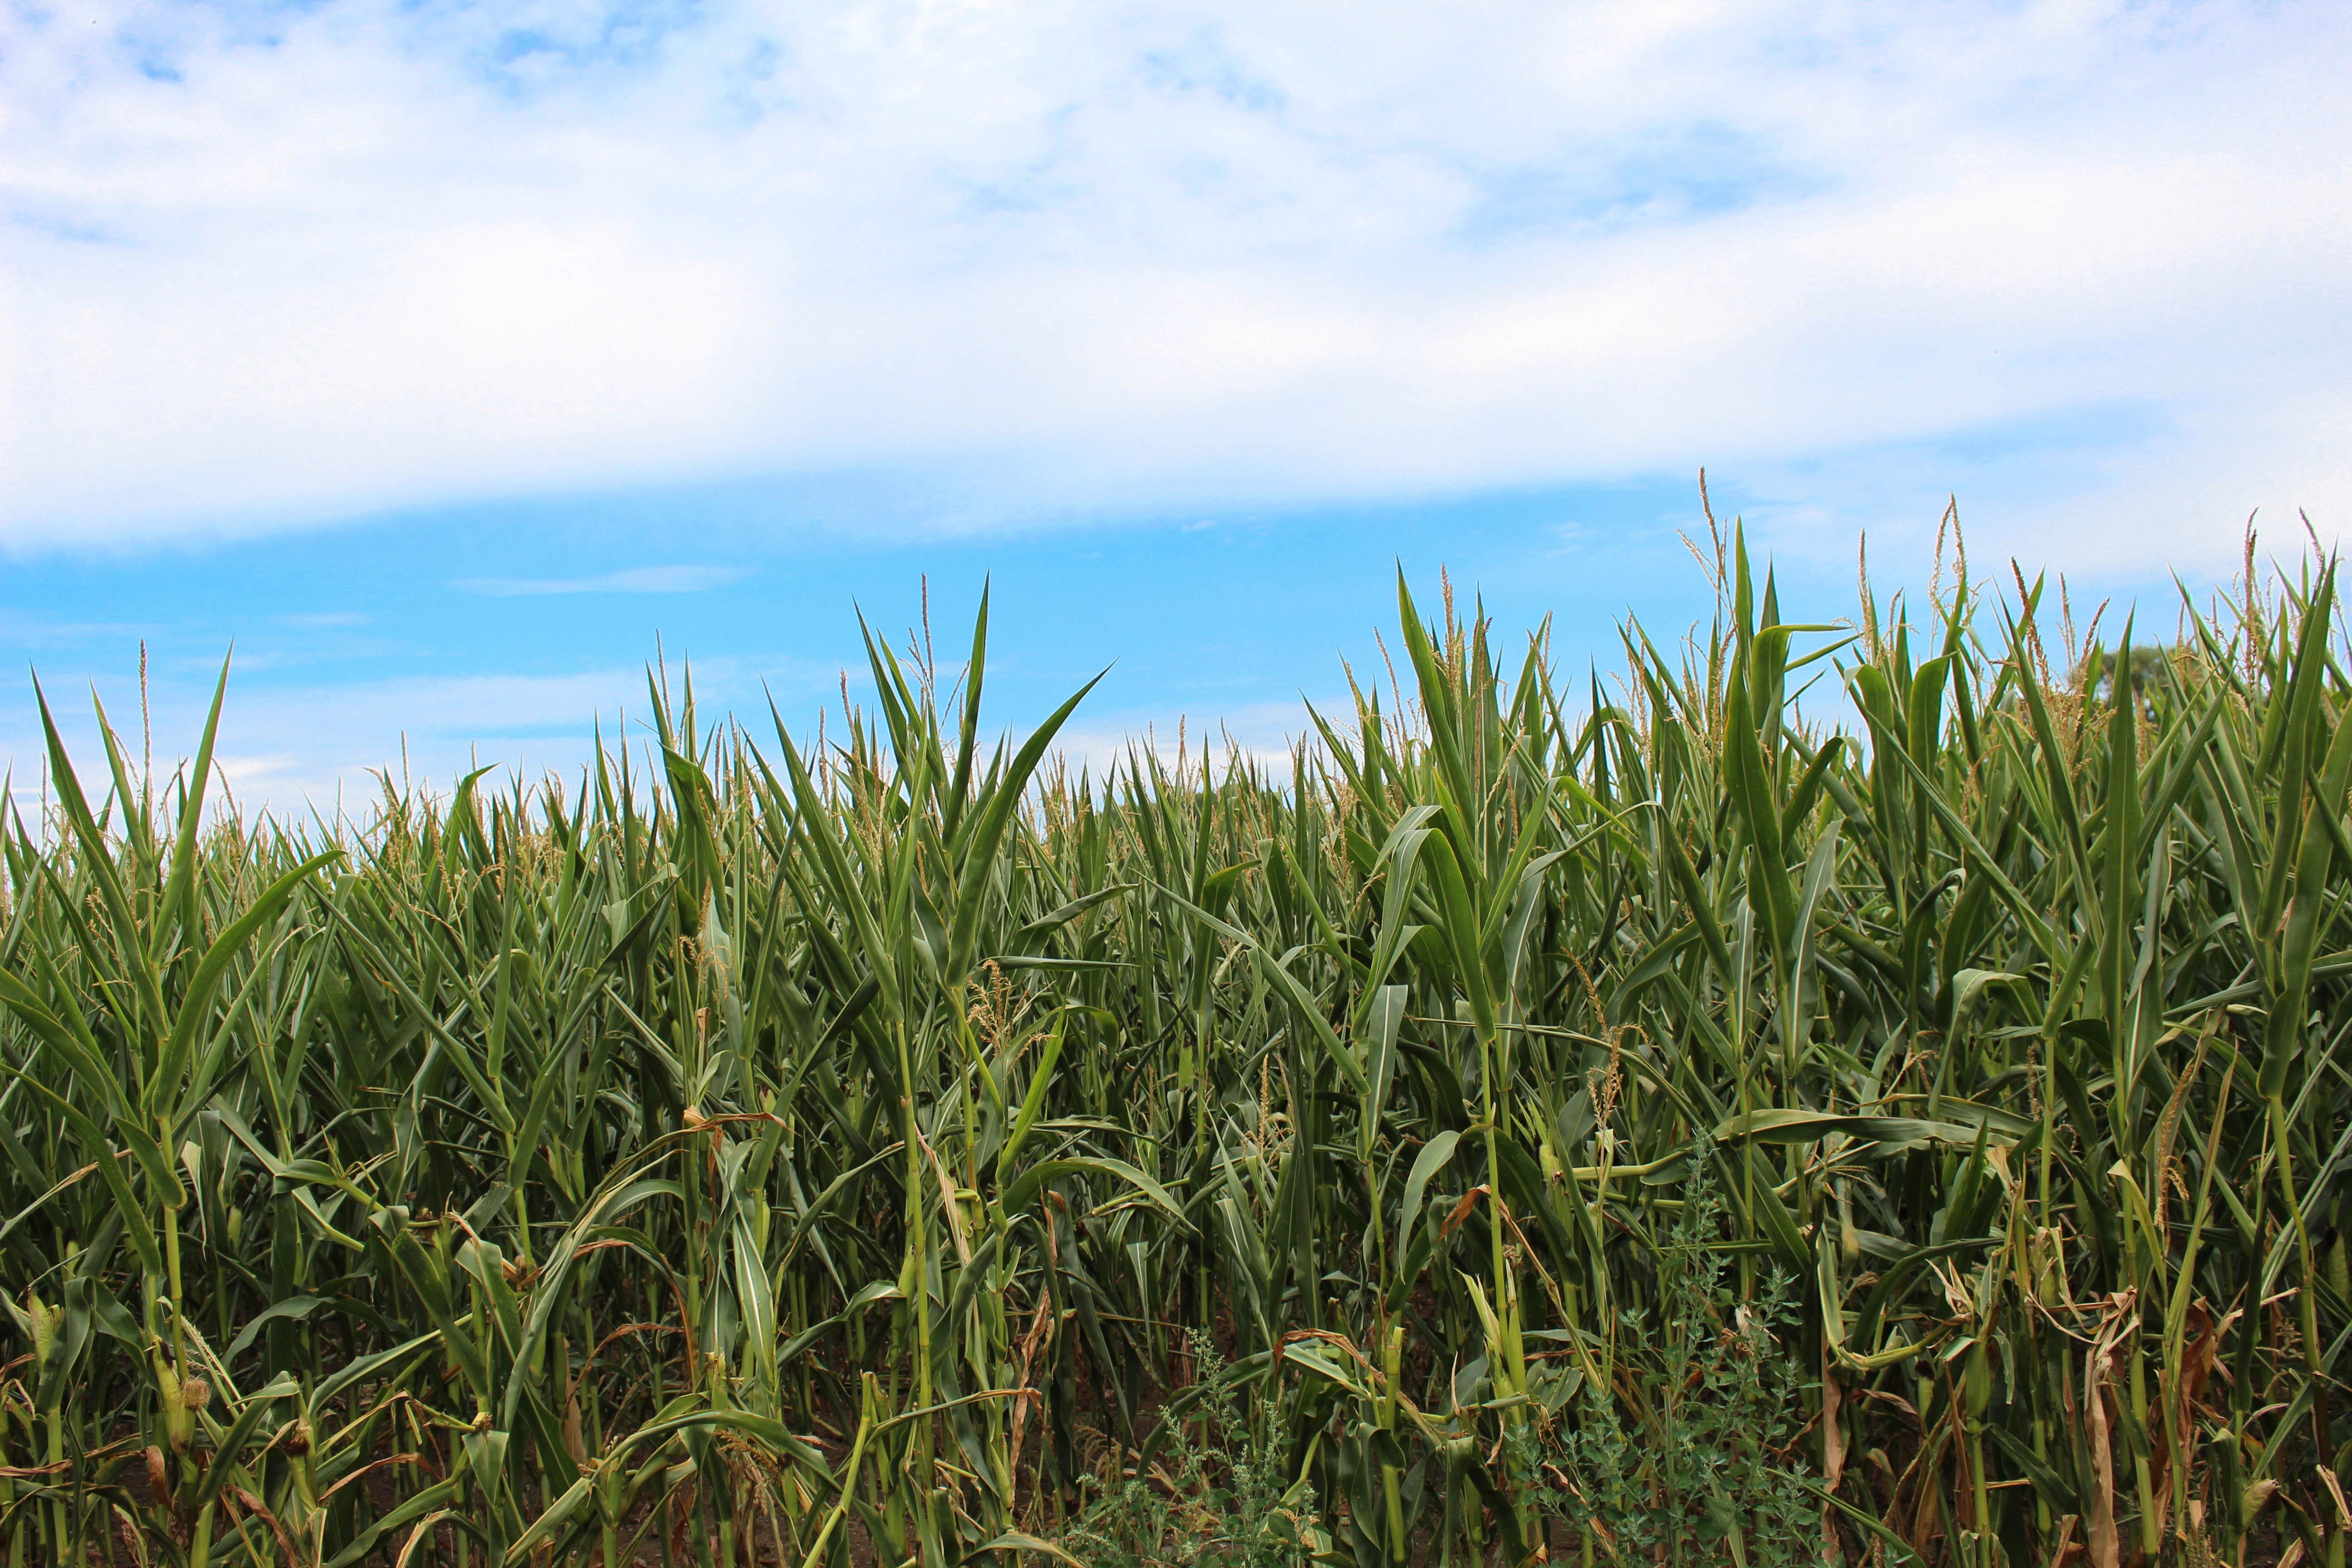 Bild von einer Landschaft